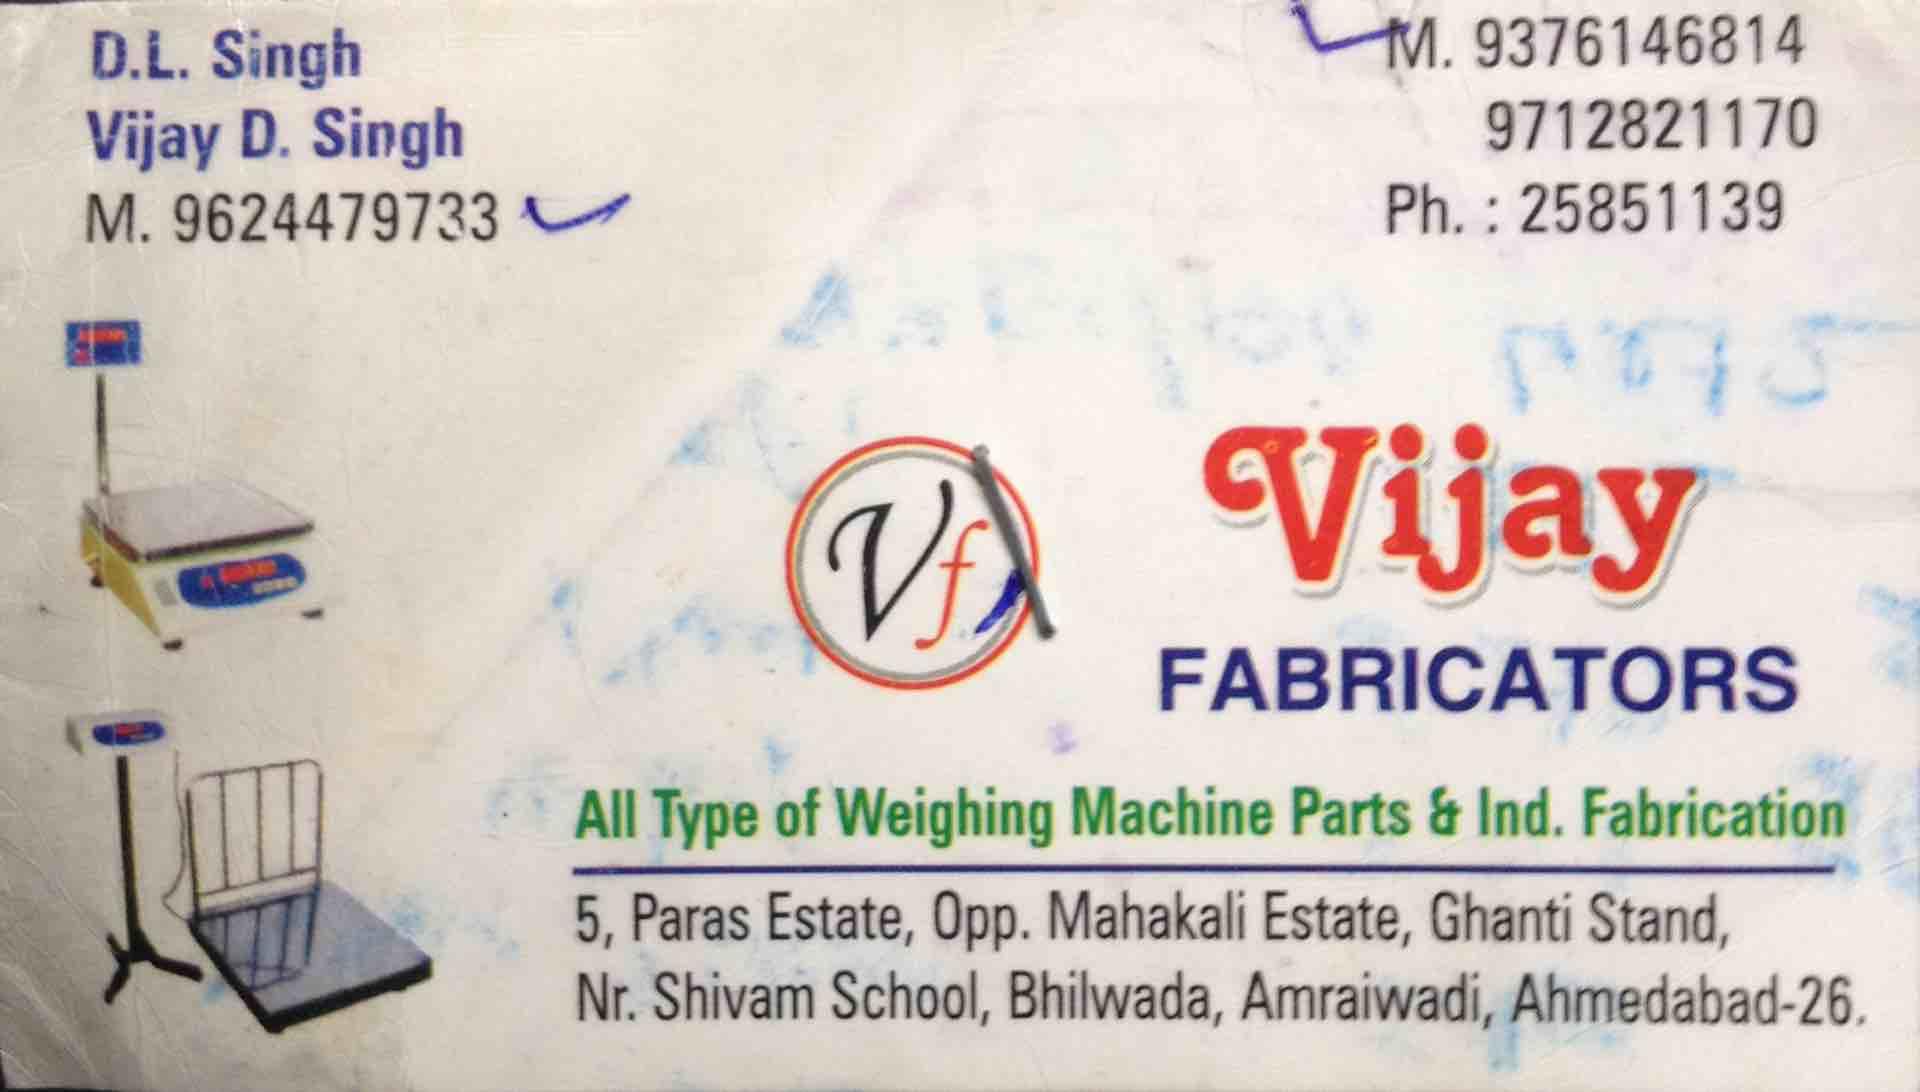 Vijay Fabricators